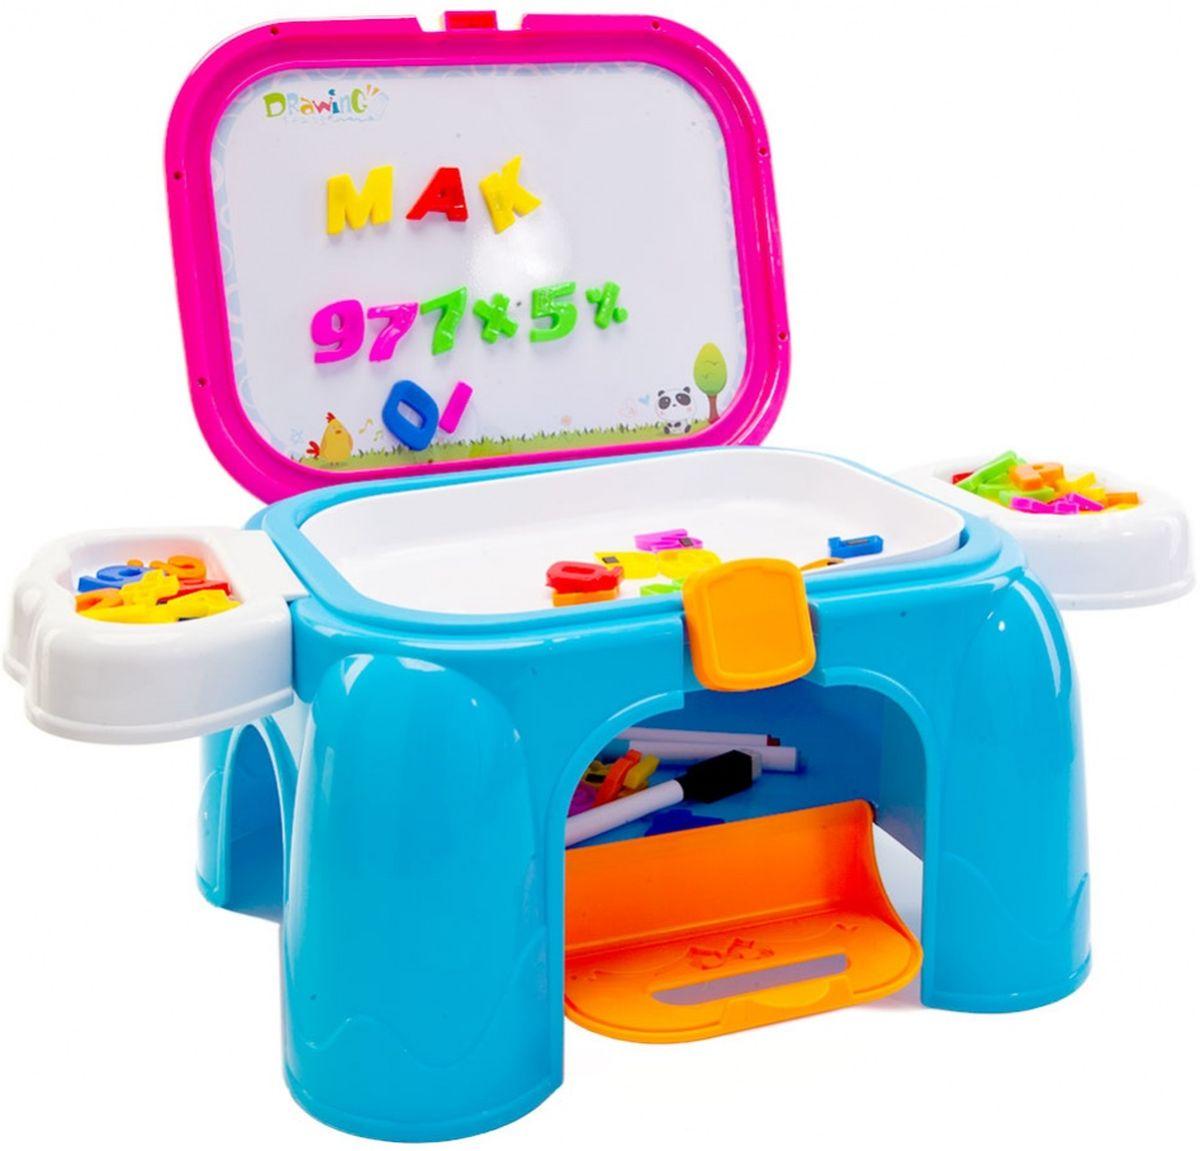 Bradex Обучающий столик-табурет 3 в 1 Скоро в школуDE 0190Стол представляет собой раскладной комплекс обучающих игр для детей дошкольного возраста, а в сложенном виде превращается в табурет или подставку для ног. Цветной английский алфавит, цифры и знаки крепятся на магнитную доску. Рисунки фломастерами из набора легко стираются с доски для рисования мягкими наконечниками.